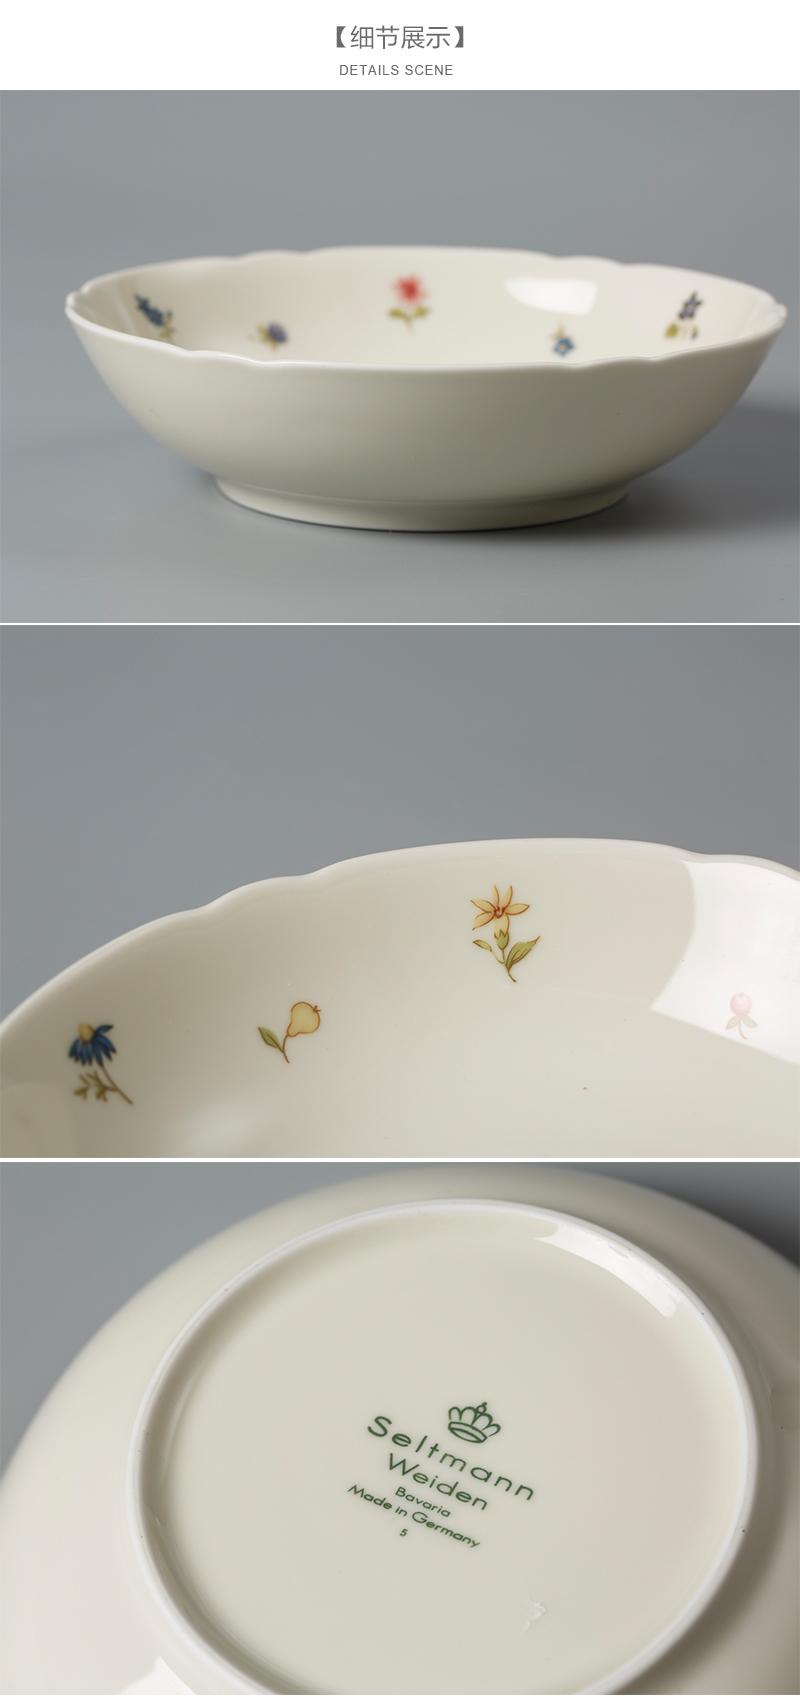 德国原产Seltmann Weiden陶瓷餐盘细节展示